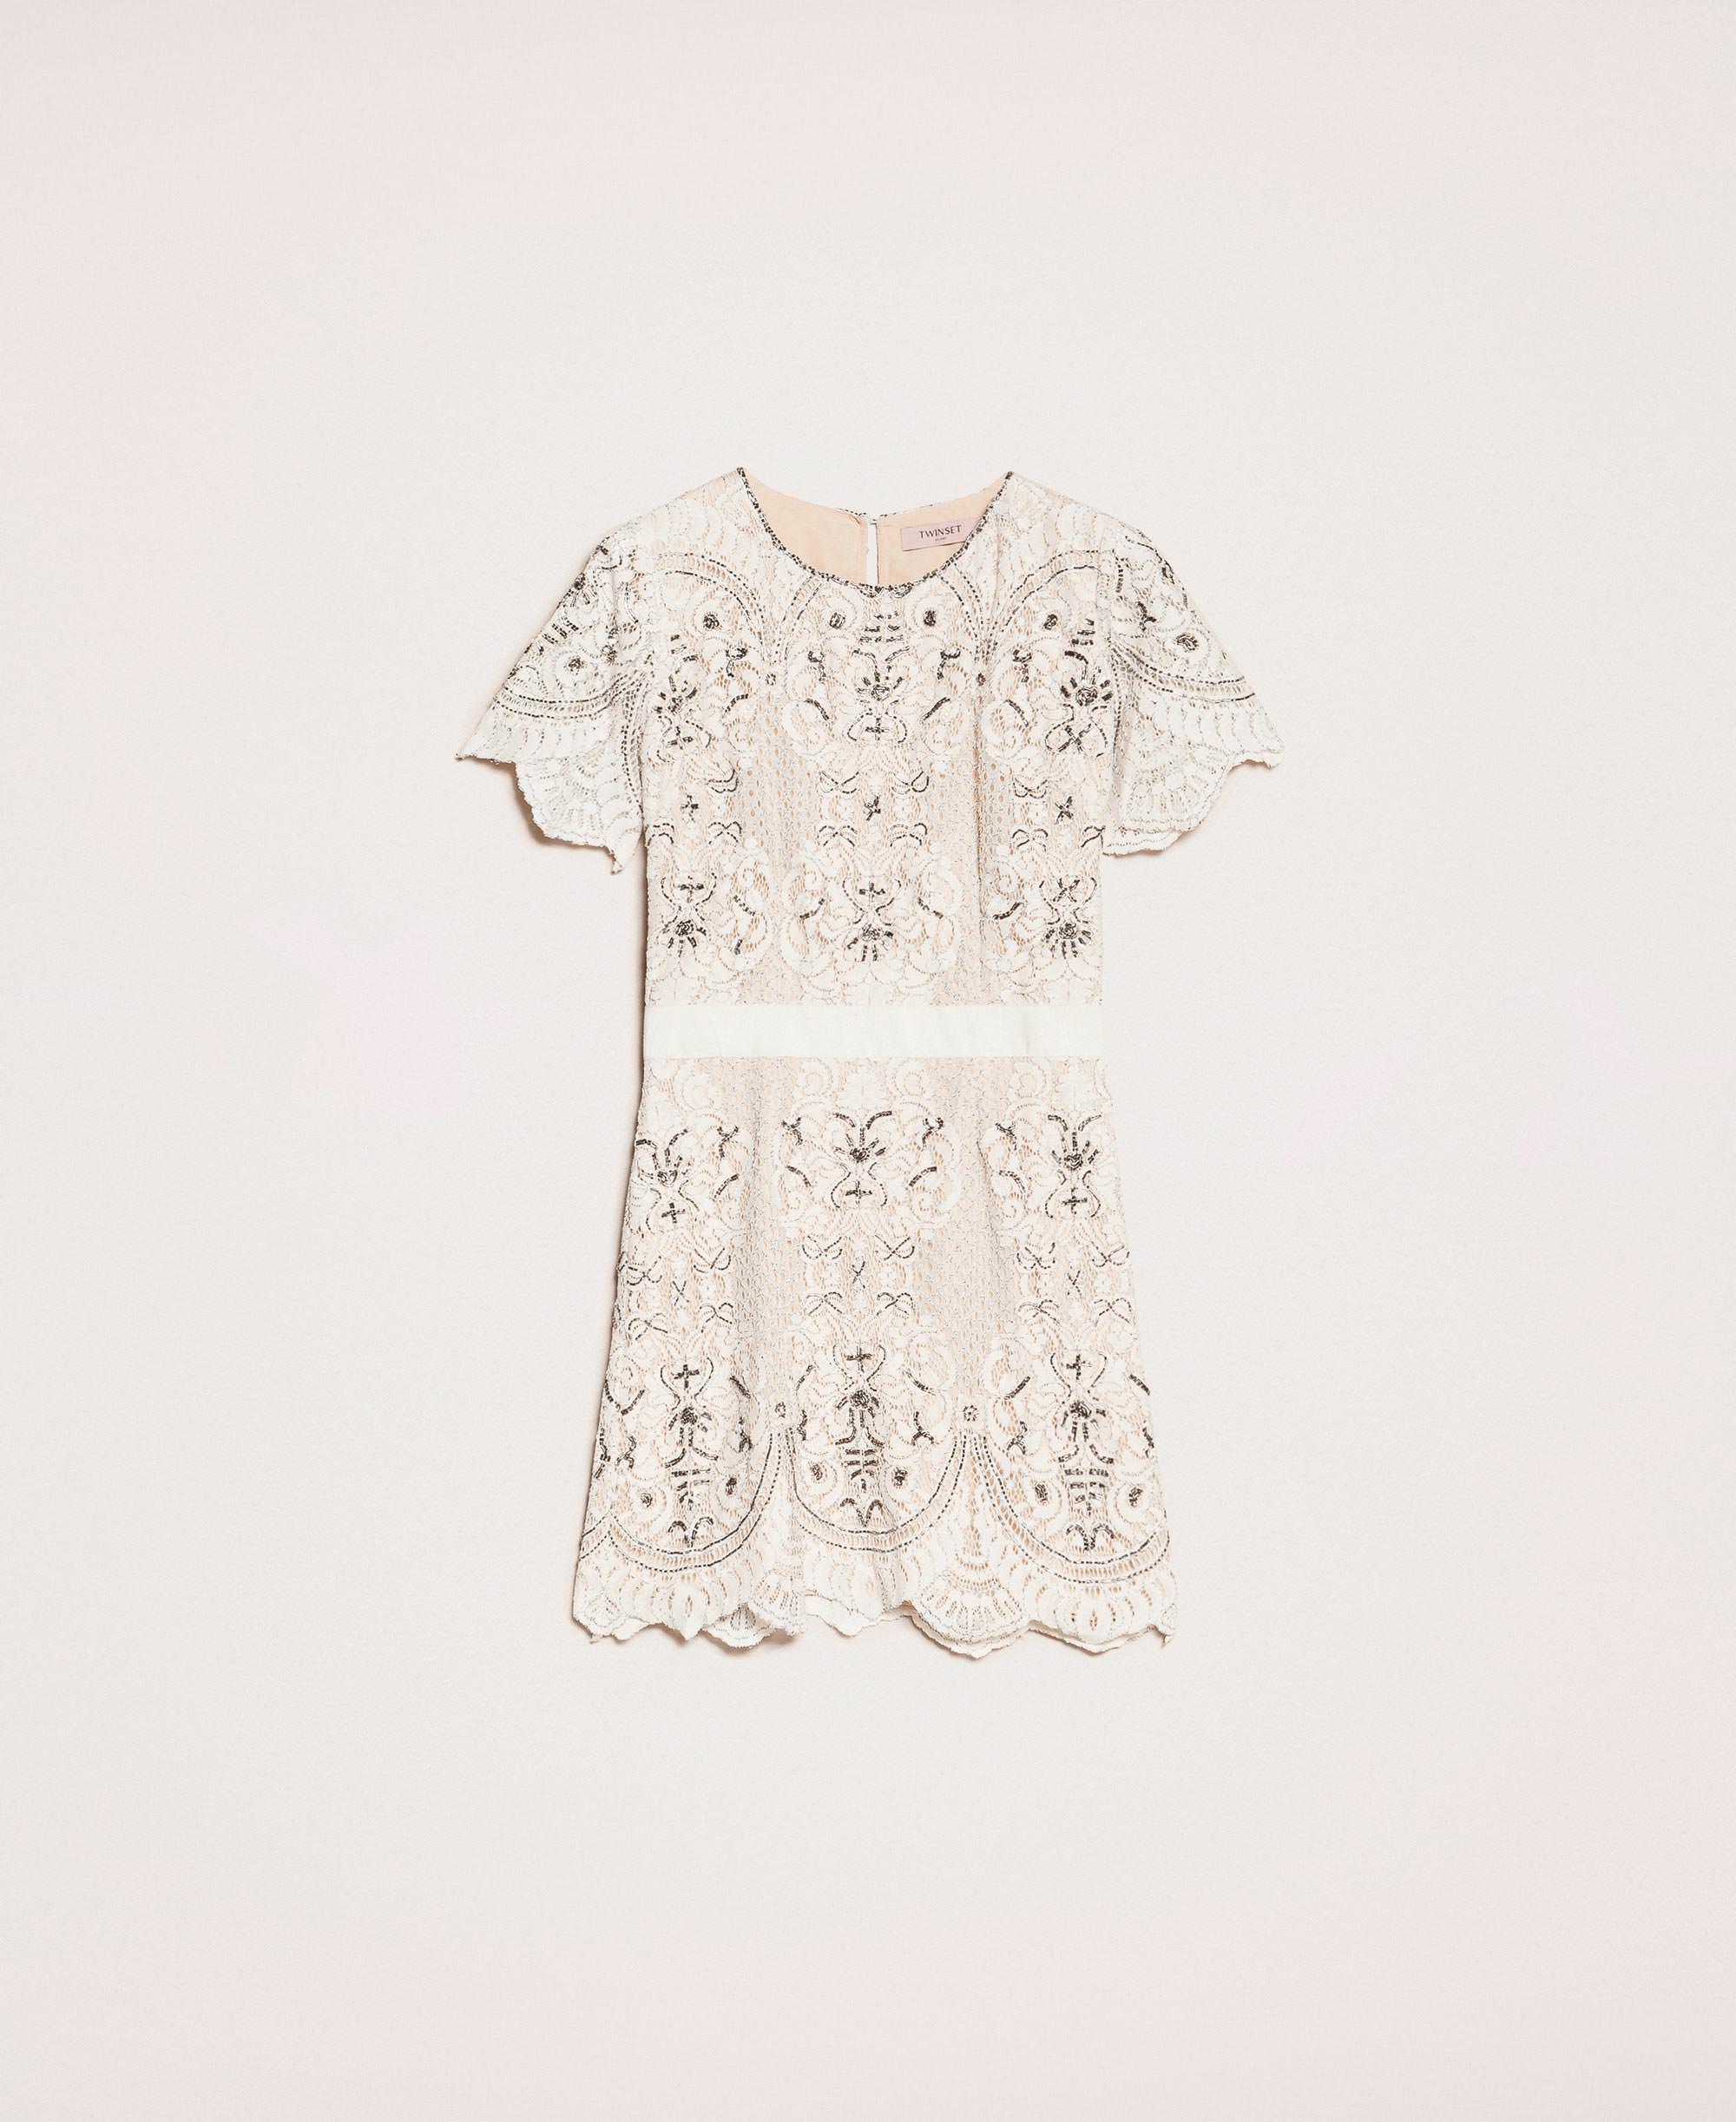 Kleid Aus Spitze Mit Stickereien Frau, Weiß | Twinset Milano